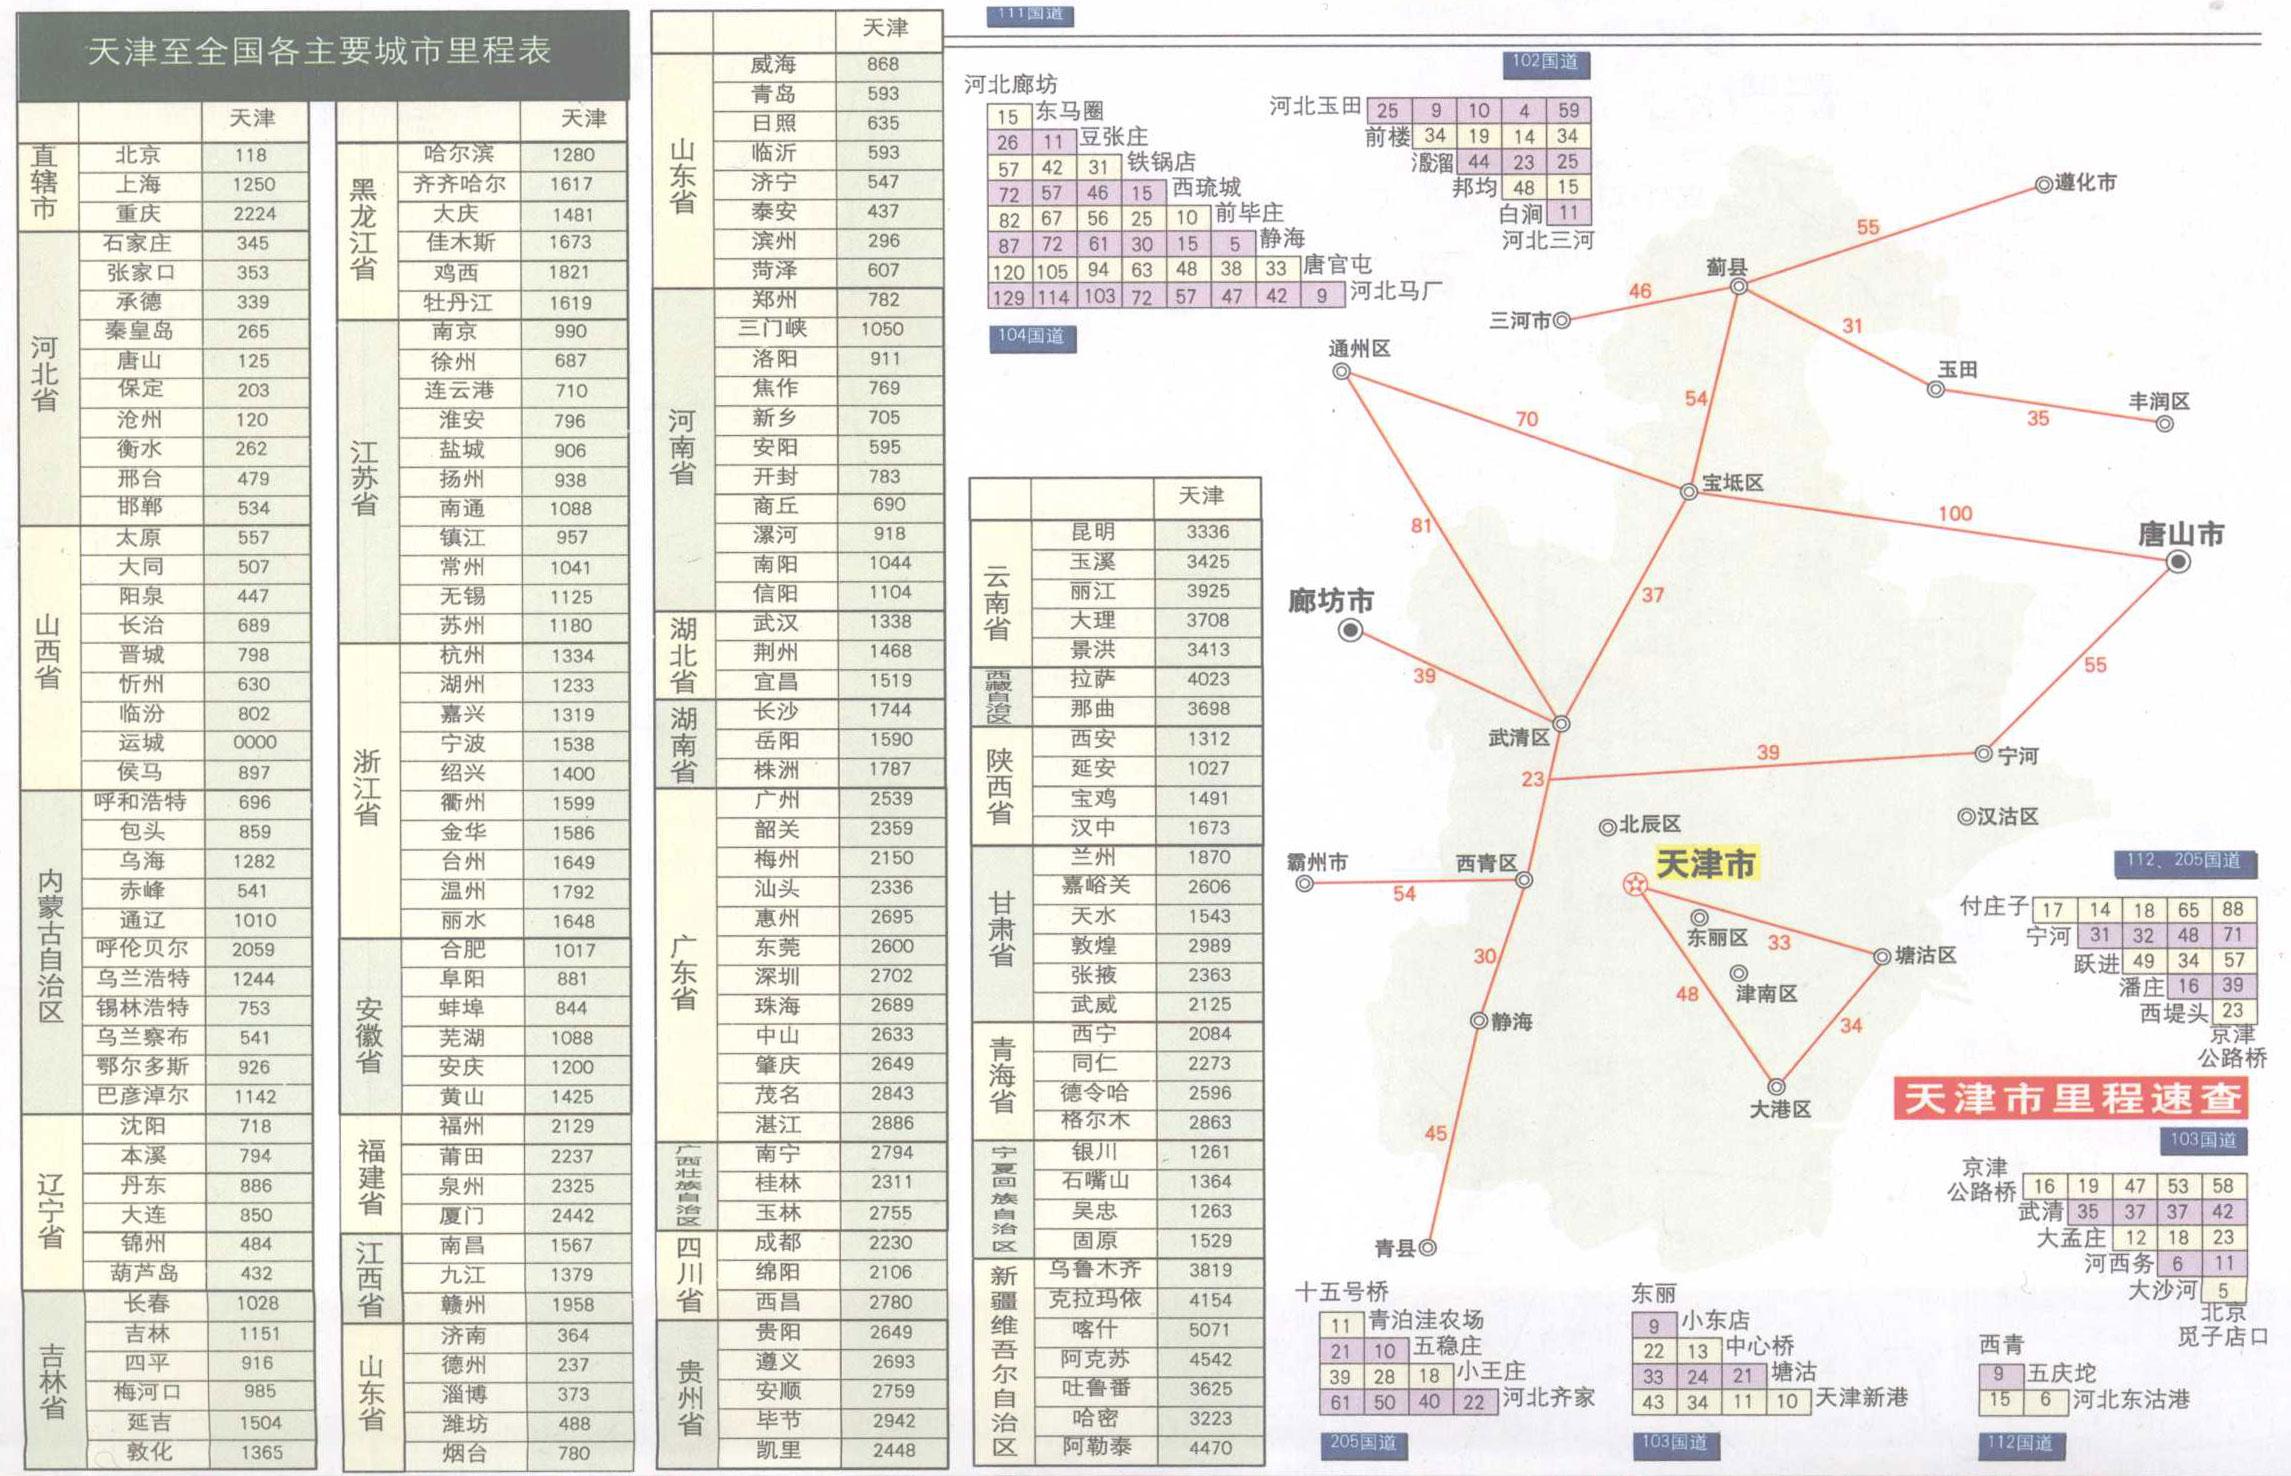 天津市国道里程表高清图片